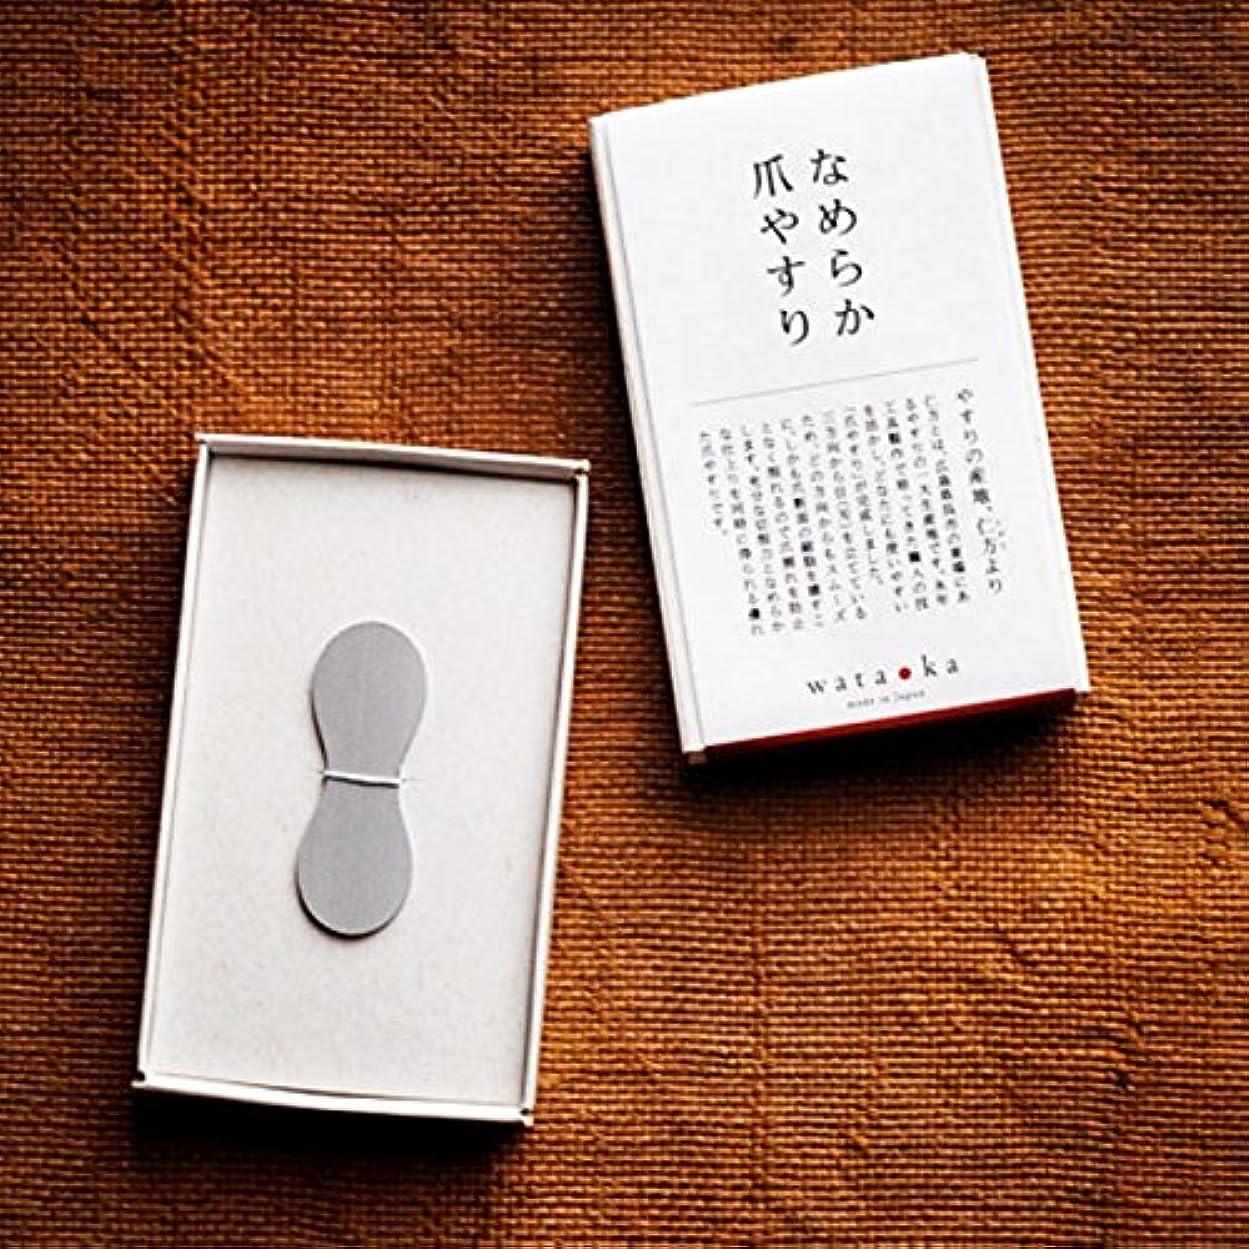 ベーコン症候群おじいちゃんwataoka 鑢のワタオカ 爪やすり (専用パッケージ入り)